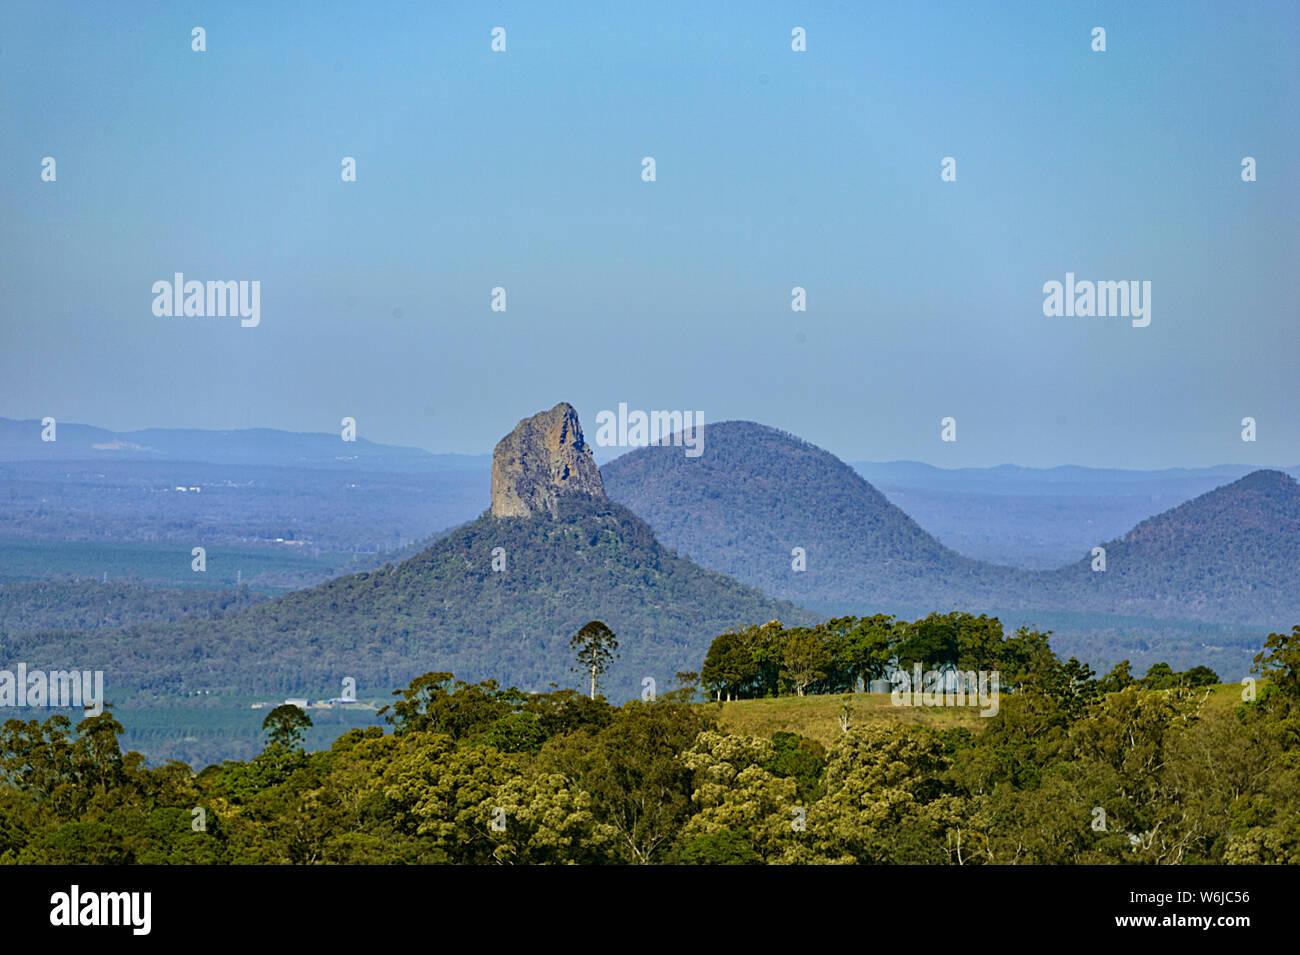 Vista de picos volcánicos erosionados de las montañas Glasshouse, Queensland, Queensland, Australia Foto de stock